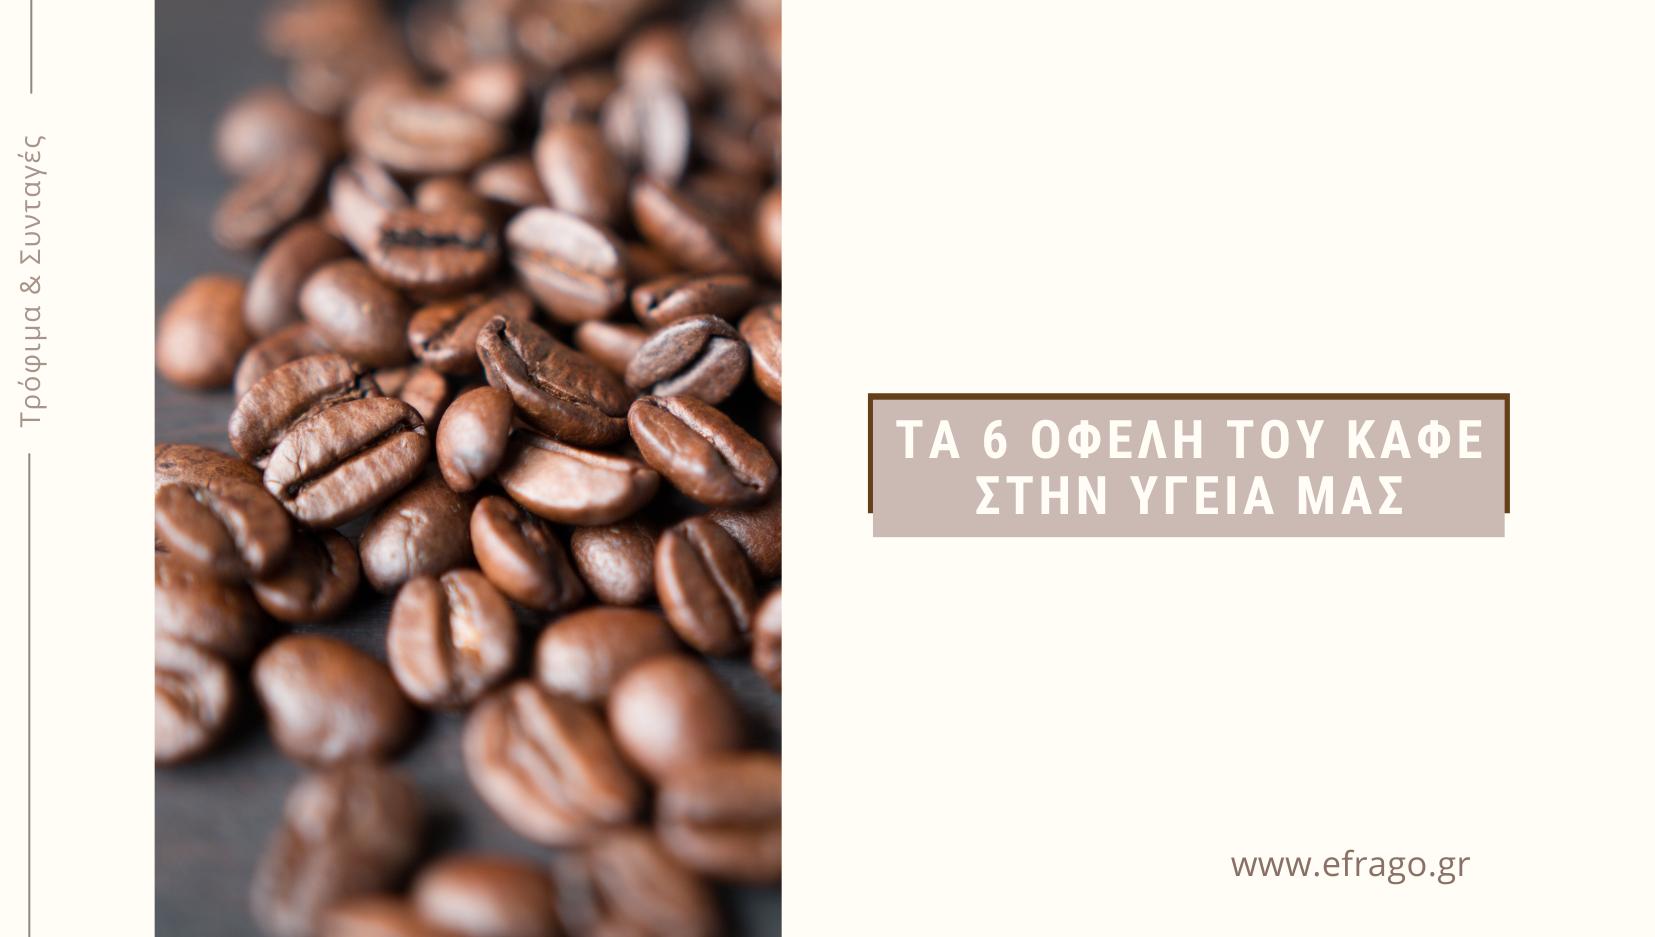 Τα 6 οφέλη του καφέ στην υγεία μας.